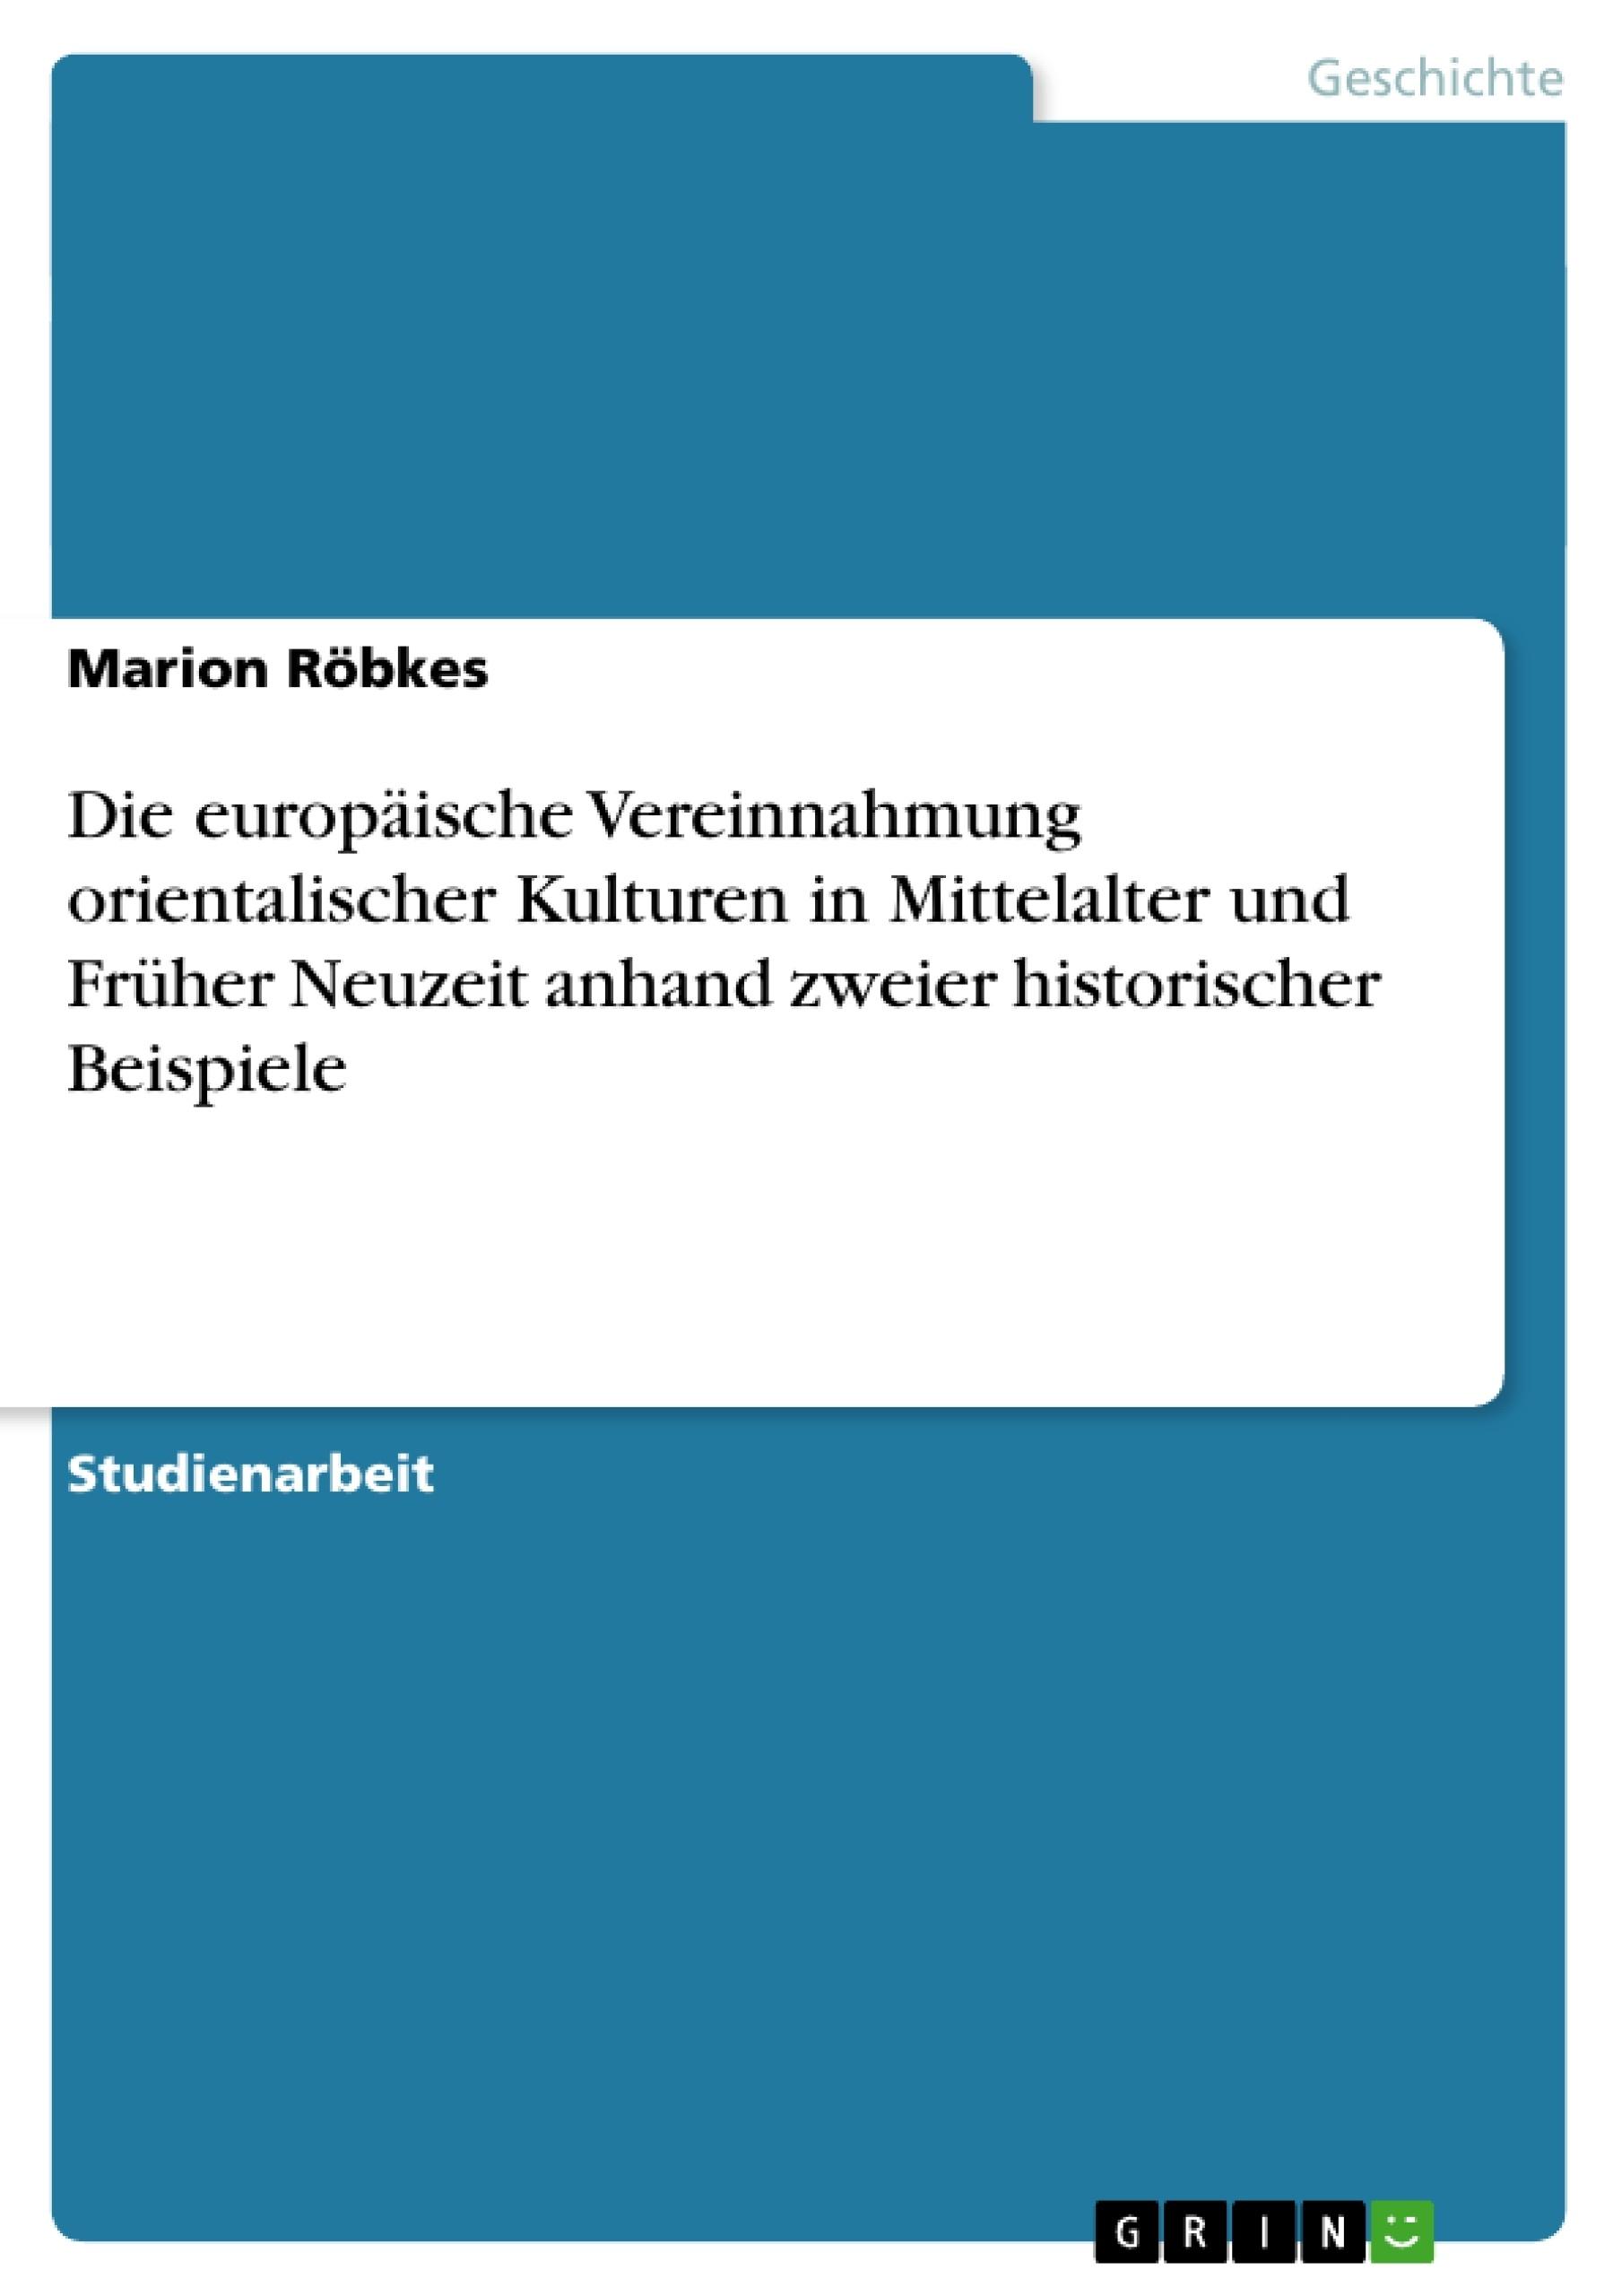 Titel: Die europäische Vereinnahmung orientalischer Kulturen in Mittelalter und Früher Neuzeit anhand zweier historischer Beispiele